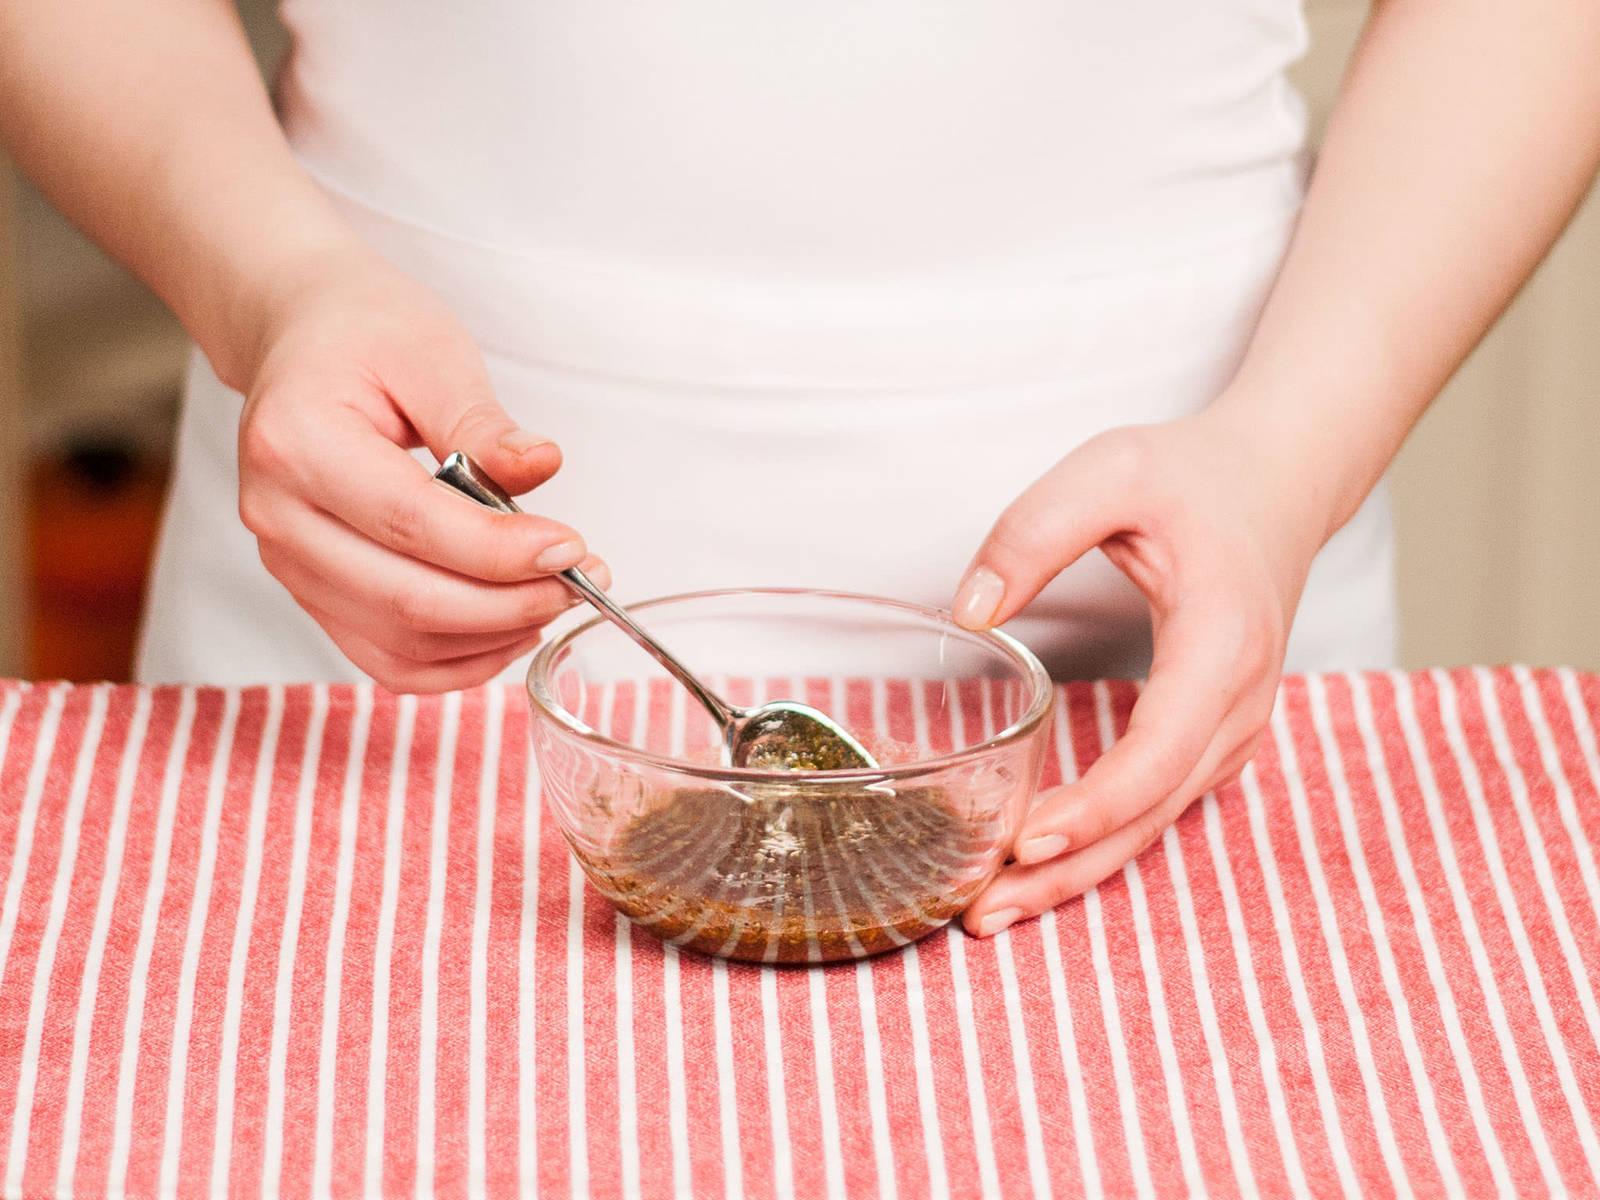 将剁好的香草、甜椒粉、橄榄油、盐和胡椒放入小碗中混合,制成腌料。